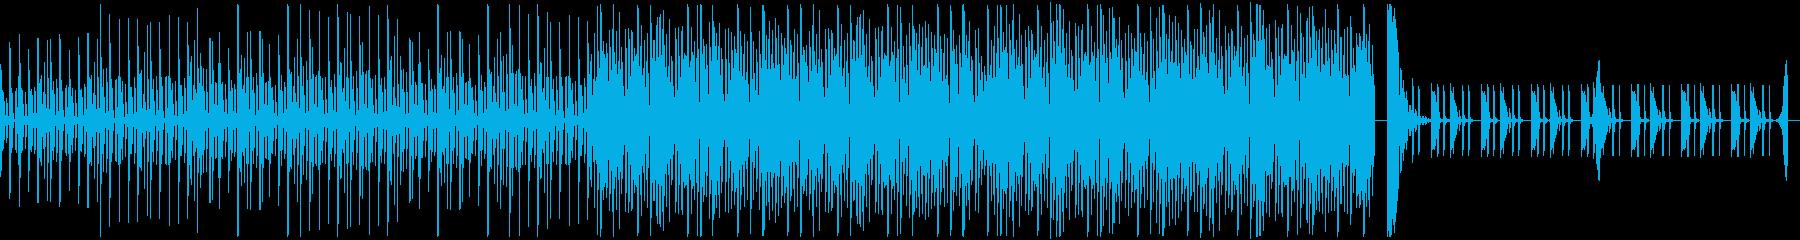 捜査中やステルス中に合うシリアスなループの再生済みの波形